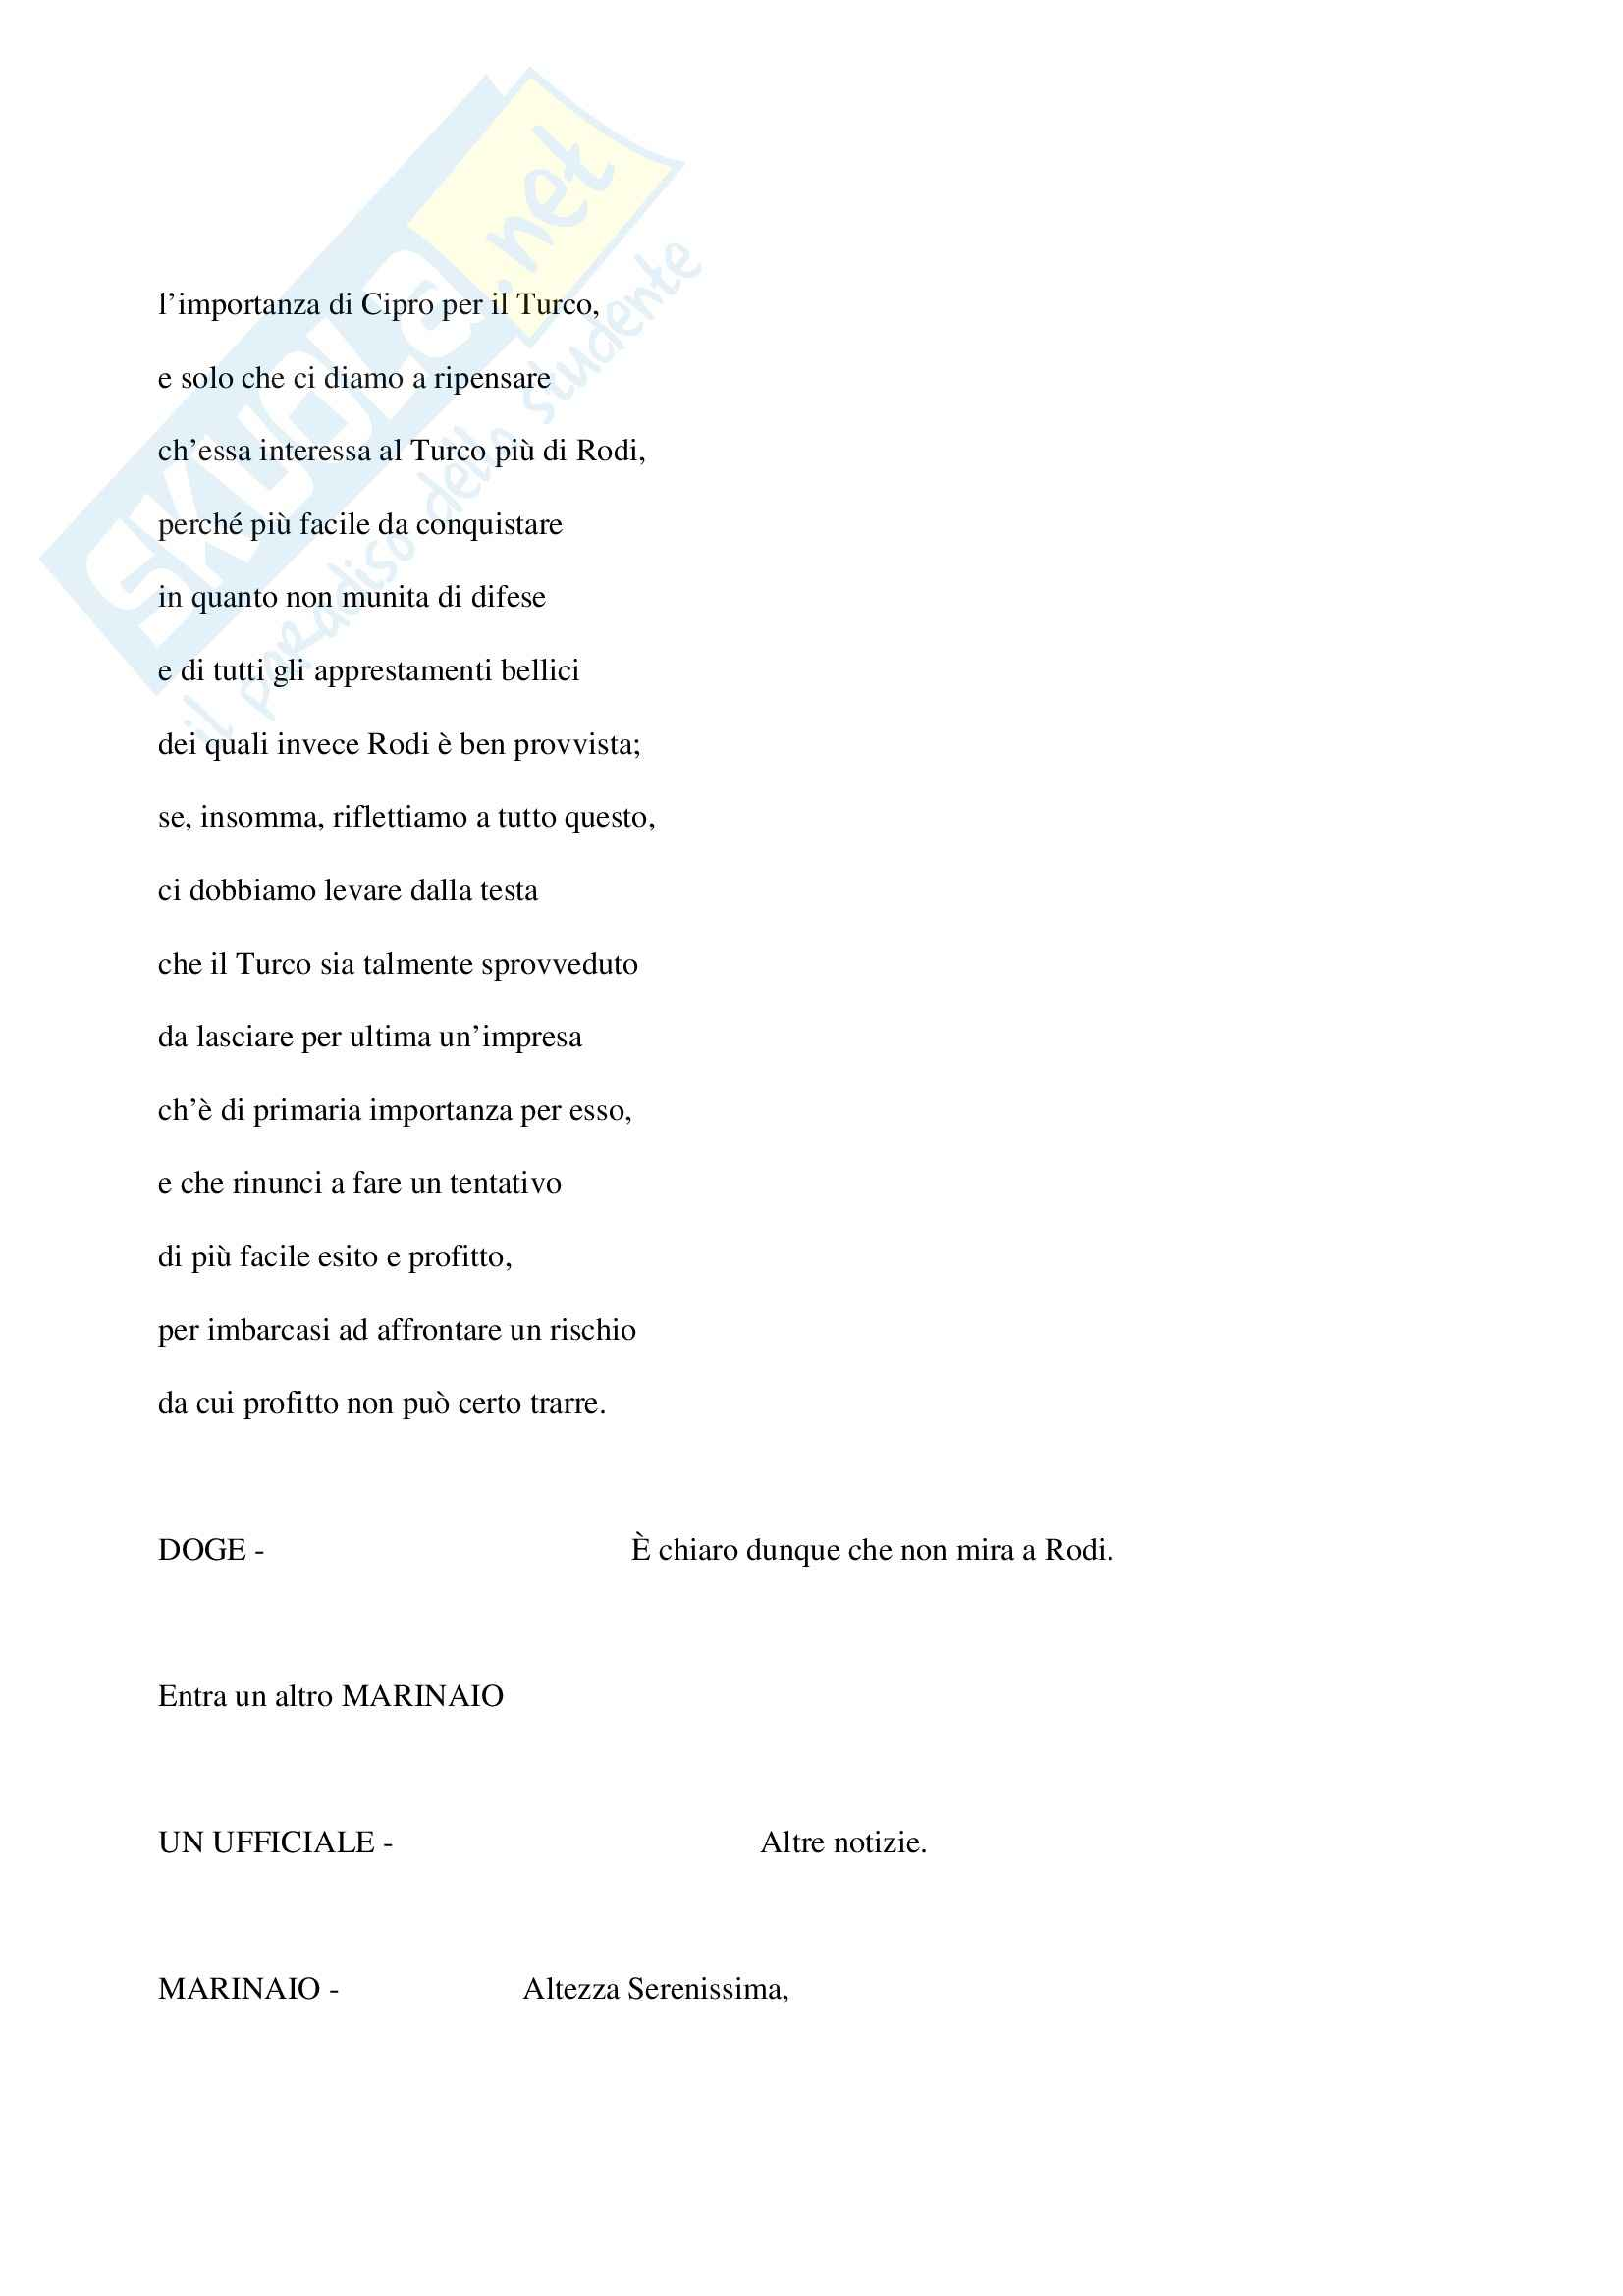 Otello, Shakespeare - Testo completo Pag. 31